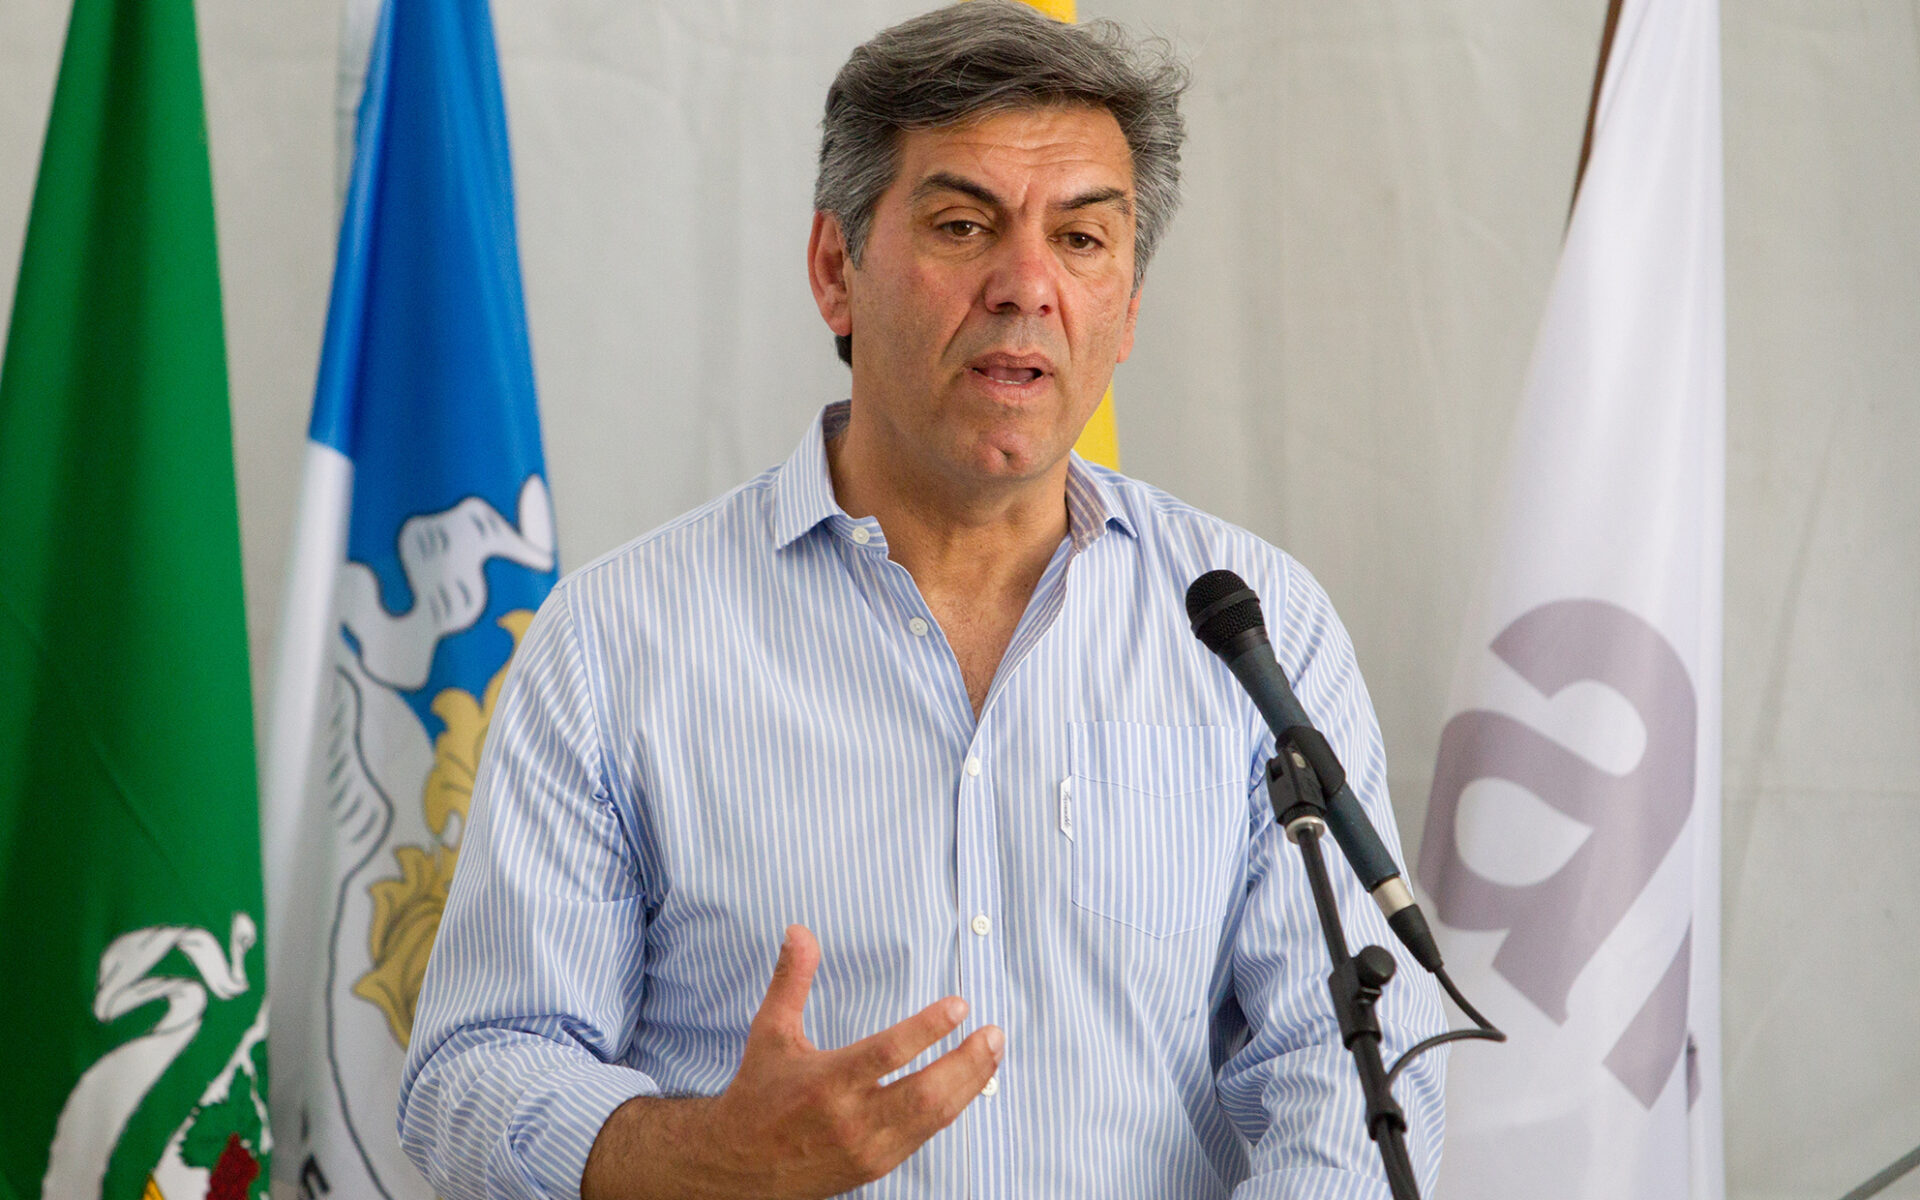 A cerimónia foi encerrada pelo secretário de Estado das Florestas e do Desenvolvimento Rural, Miguel Freitas